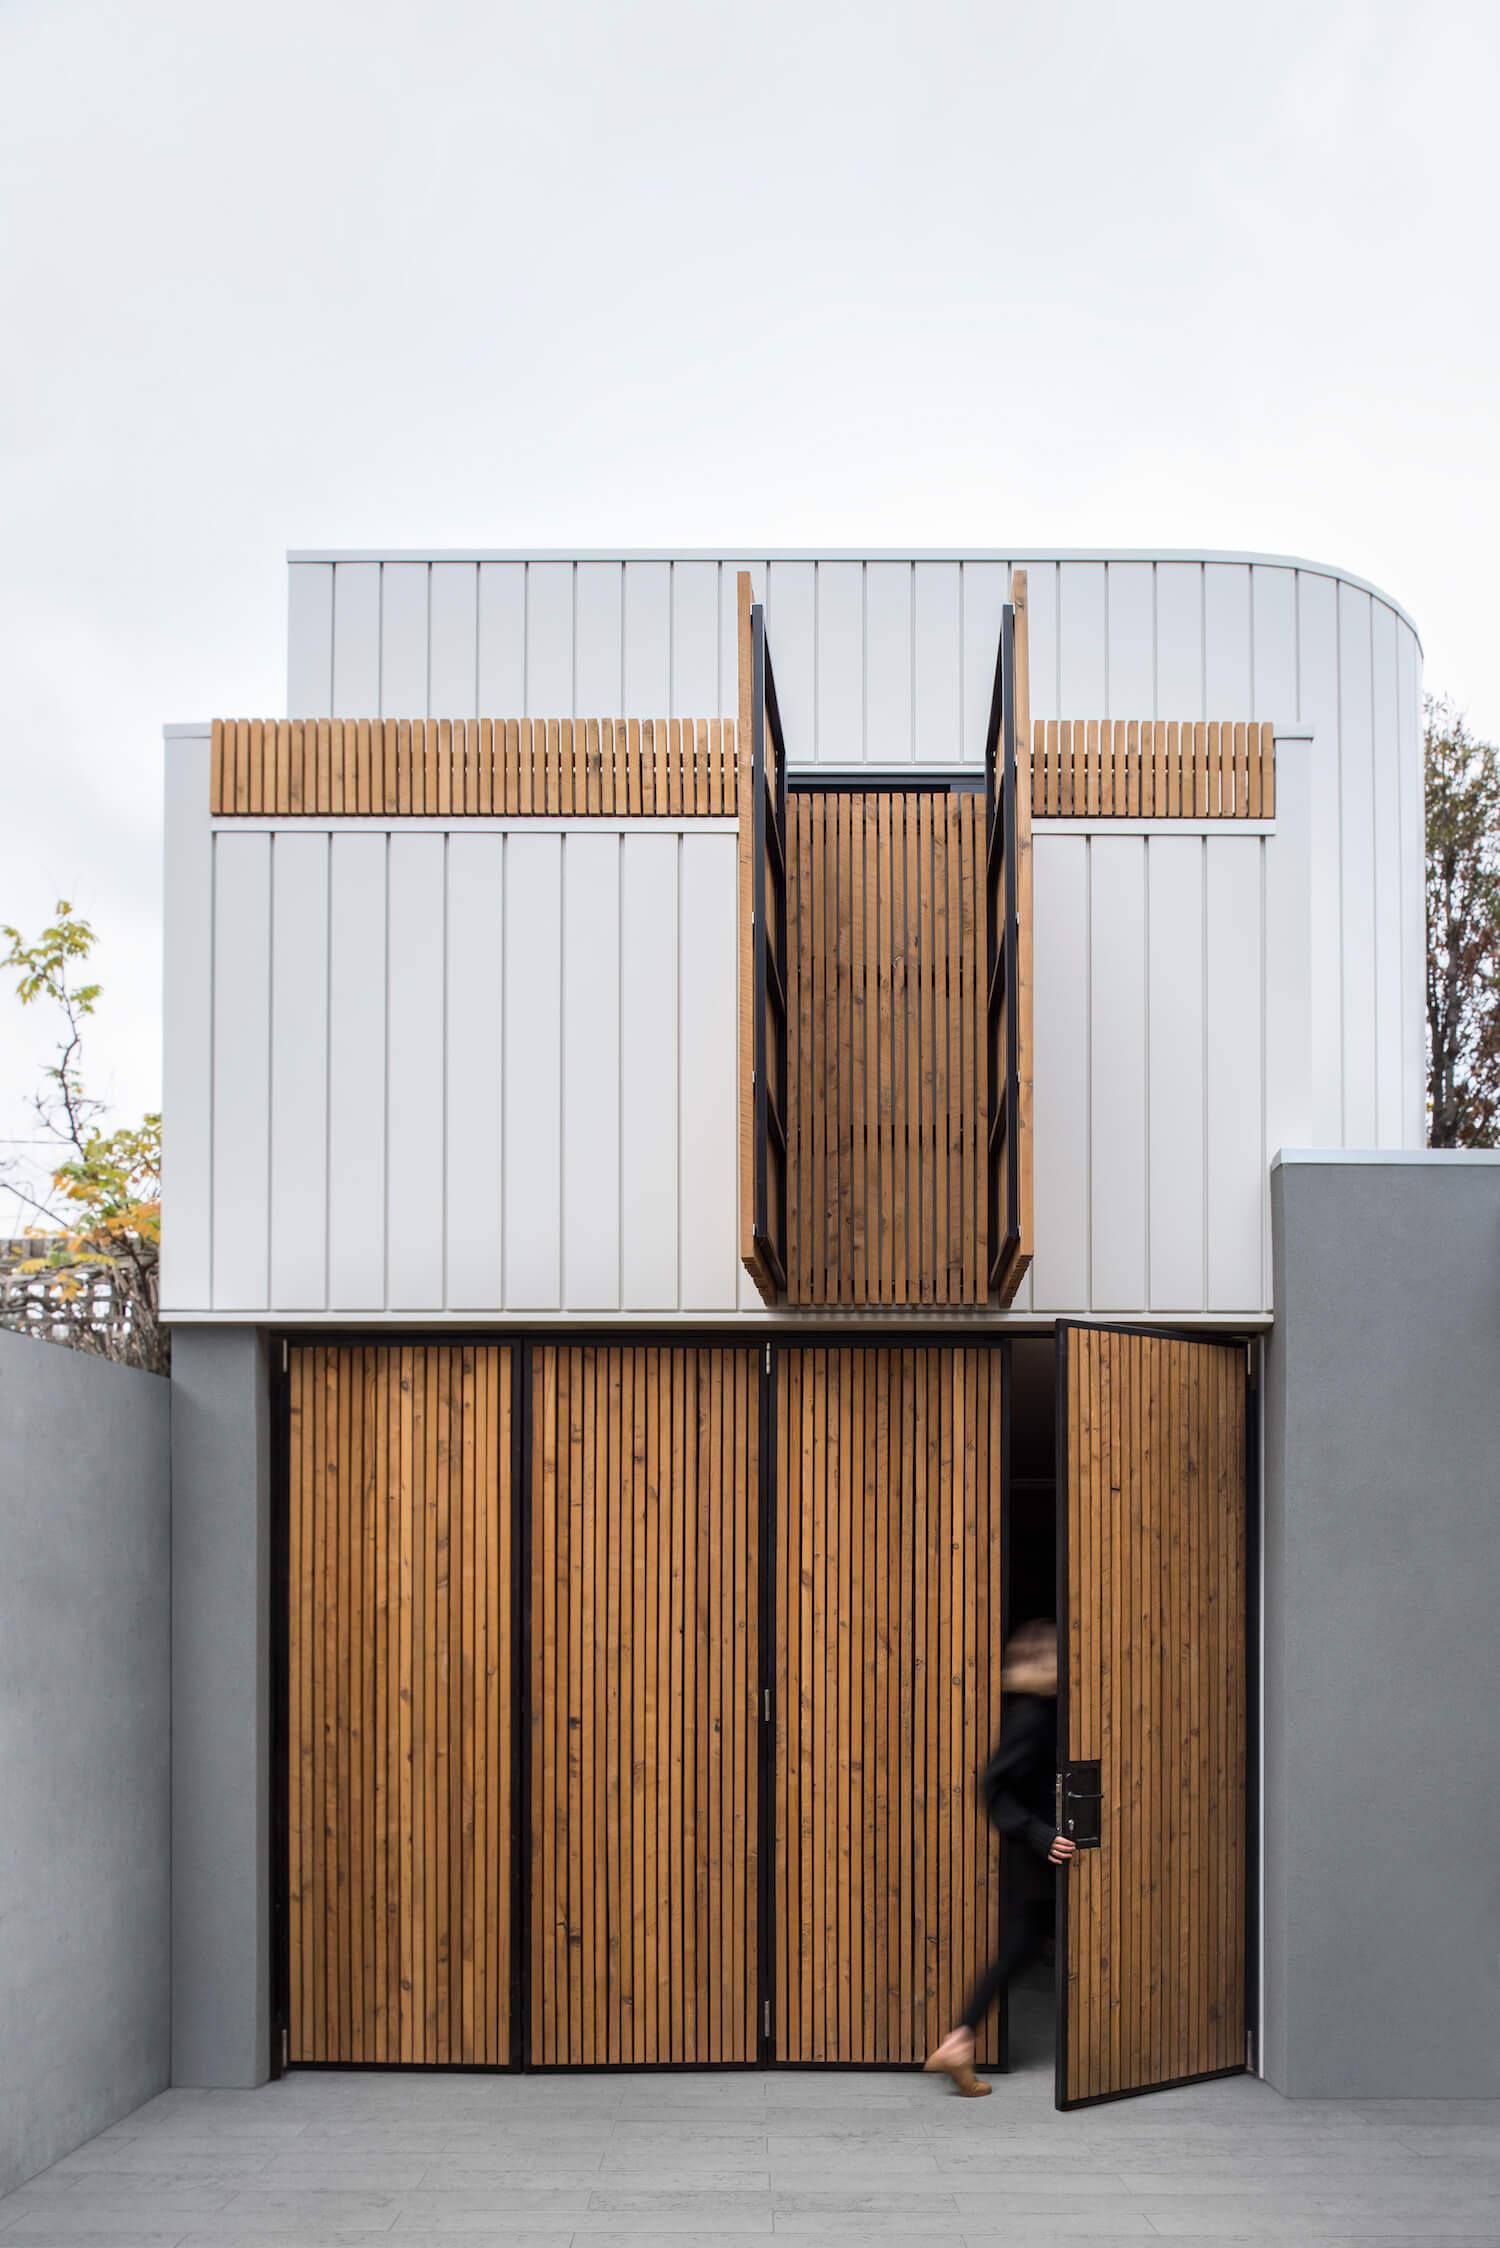 est living port melbourne home winter architecture 2